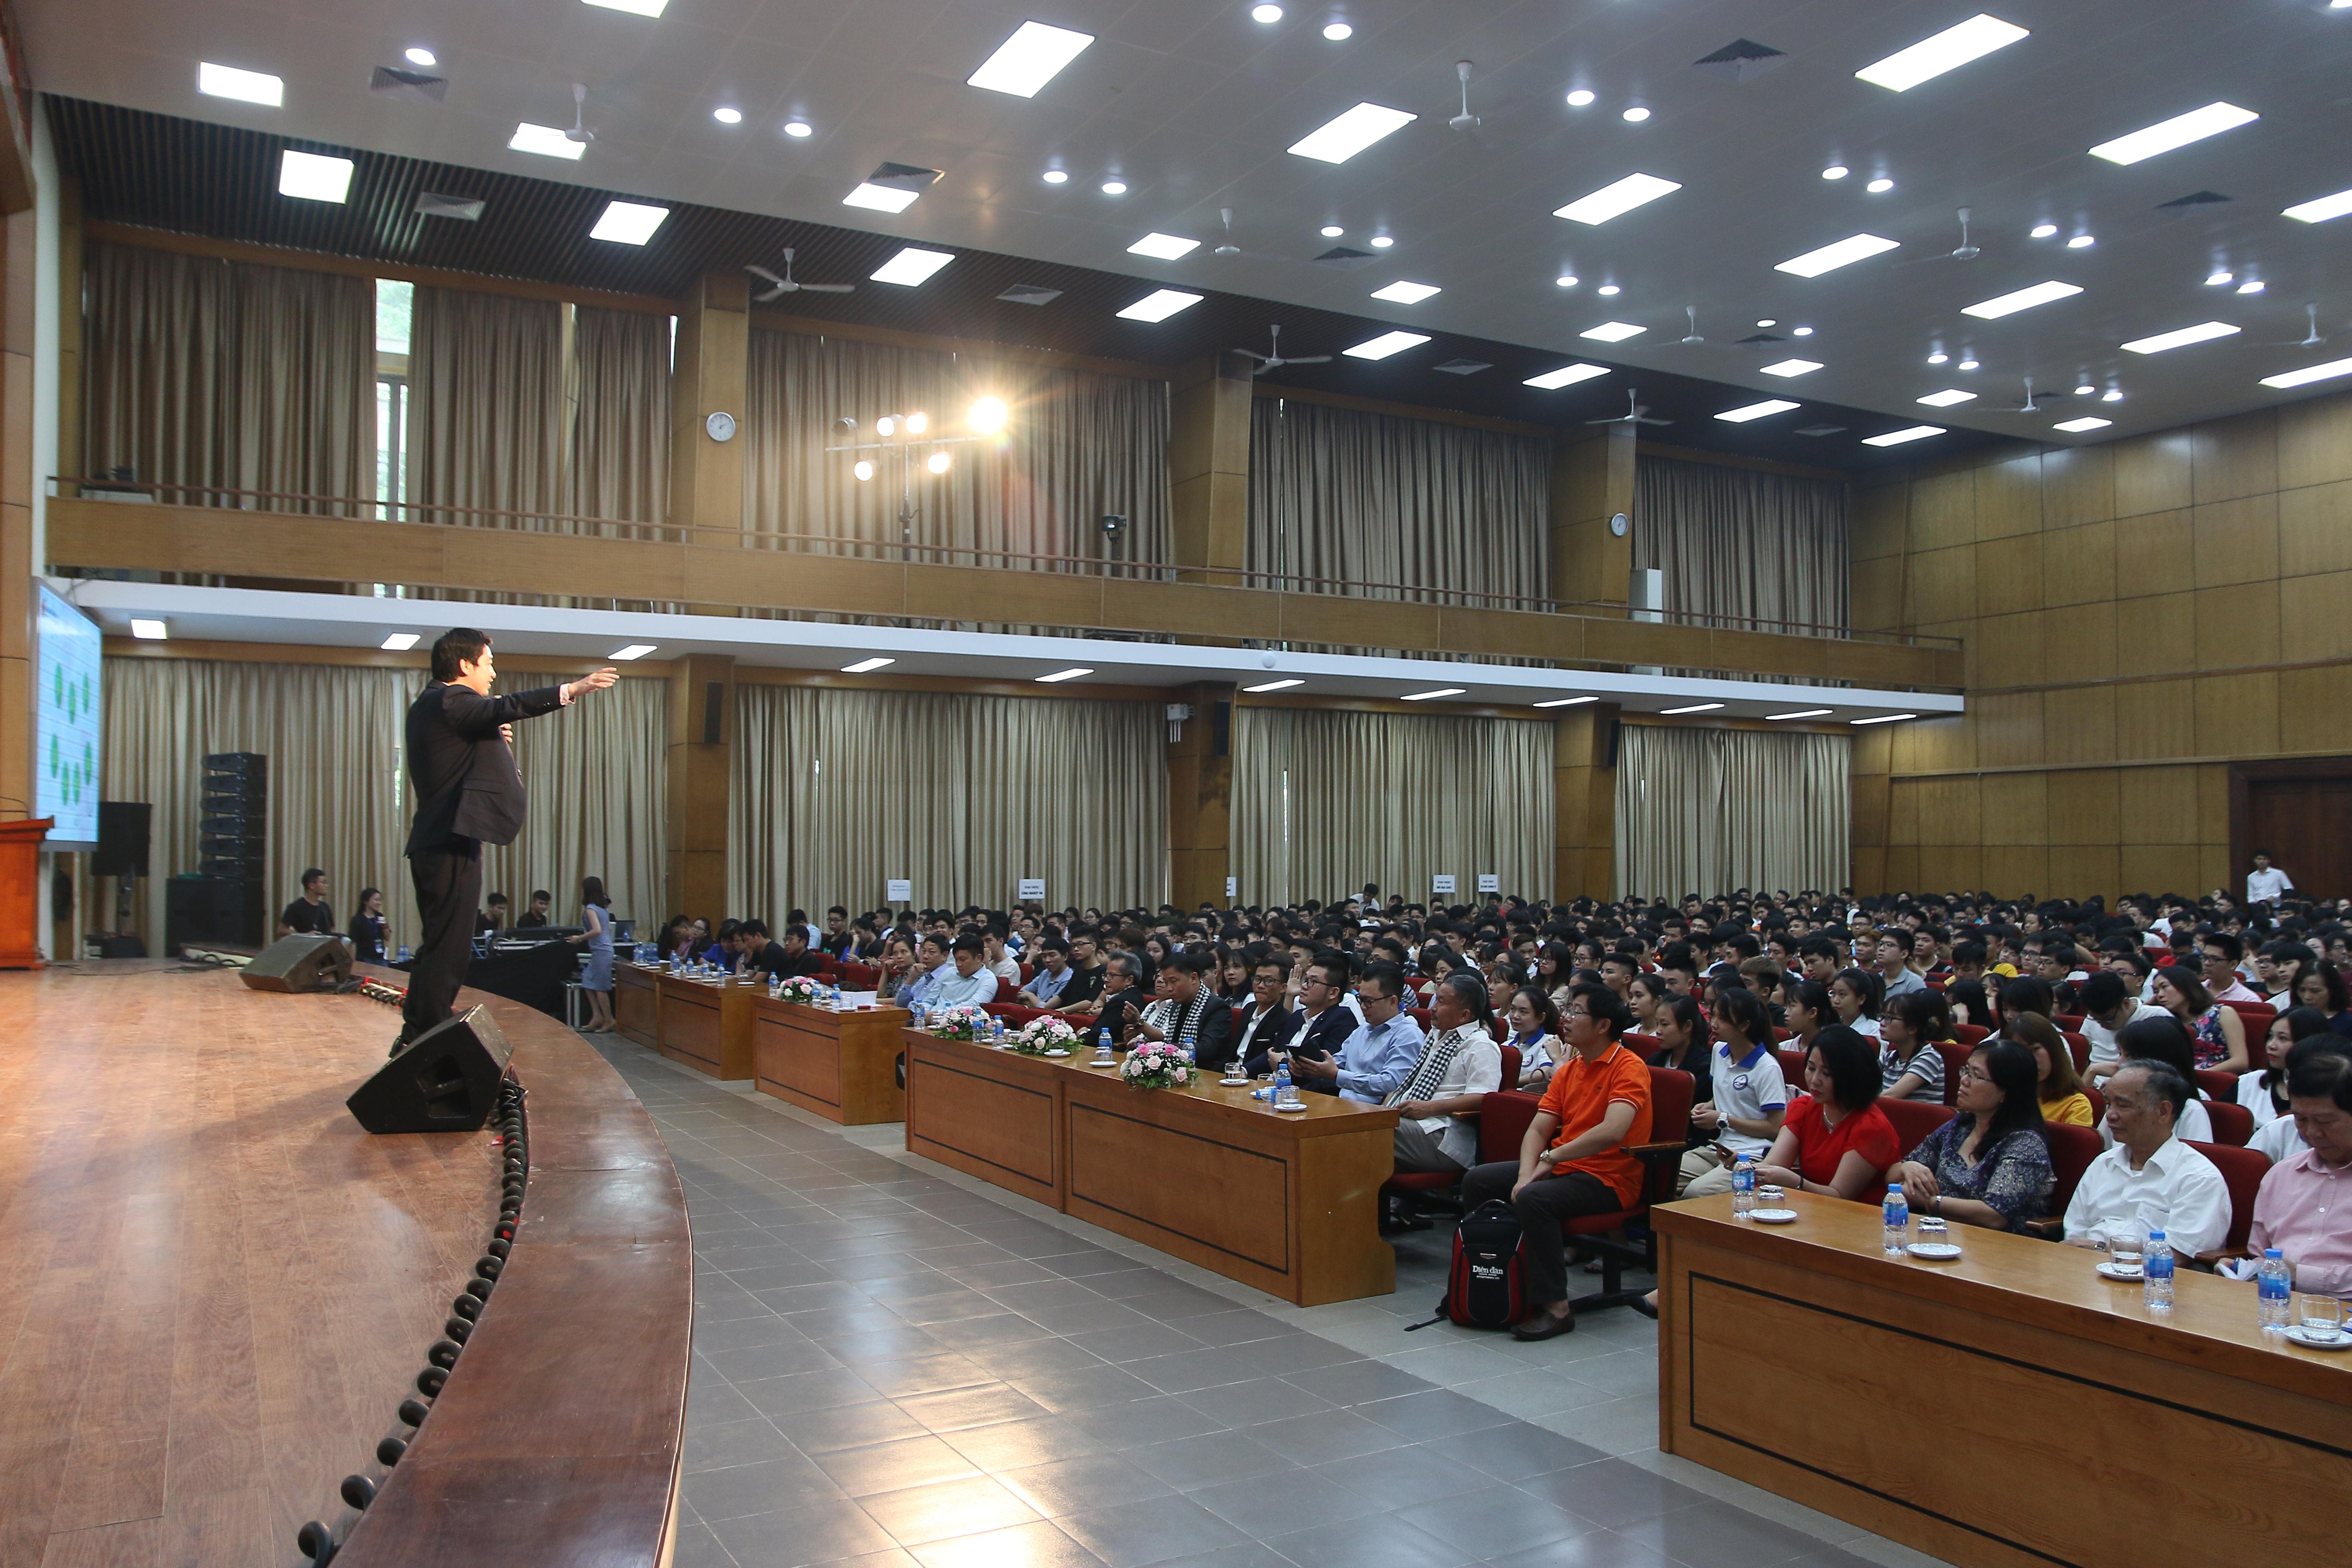 """Tổng giám đốc Novaedu  nhắn nhủ: """"Khi bạn nhận một công việc, một nhiệm vụ từ nhà trường, hội nhóm, gia đình, hay của một doanh nghiệp thì bạn hãy nỗ lực hết mình""""."""